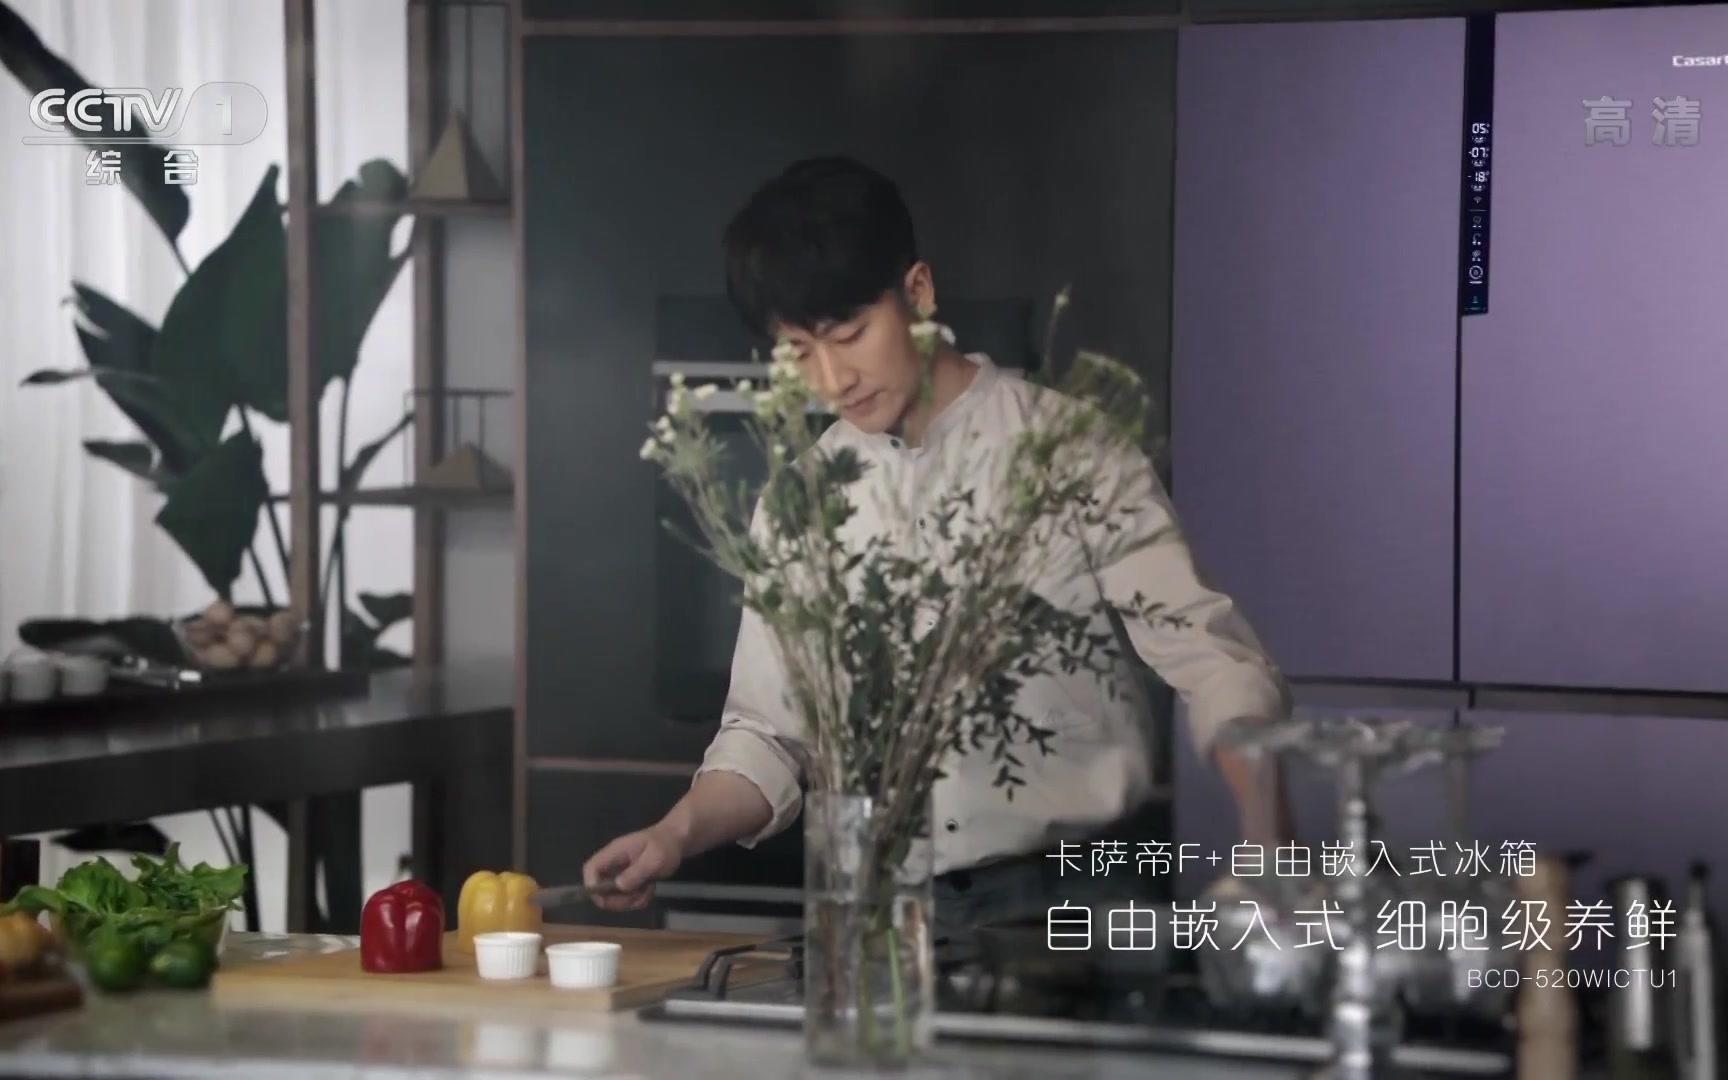 央视广告欣赏-卡萨帝F+自由嵌入式冰箱